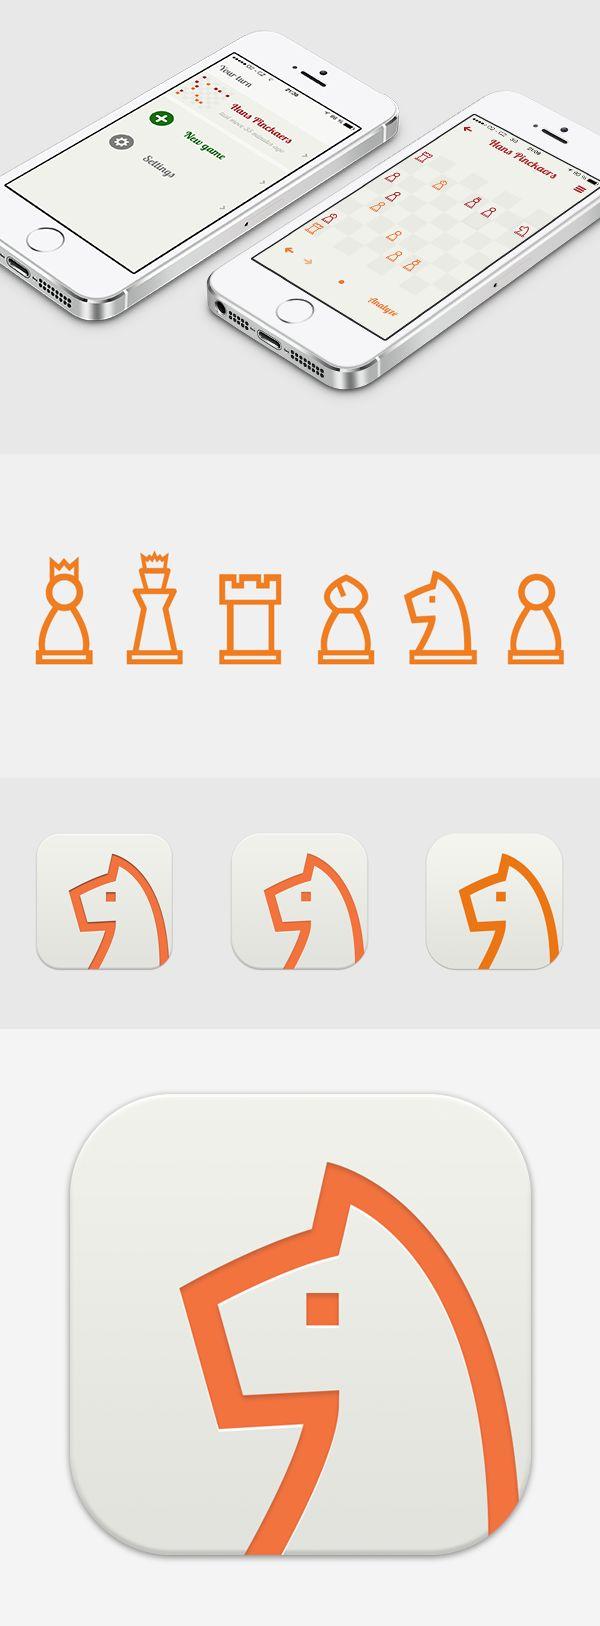 En Passant Chess App by Michael Dolejš, via Behance